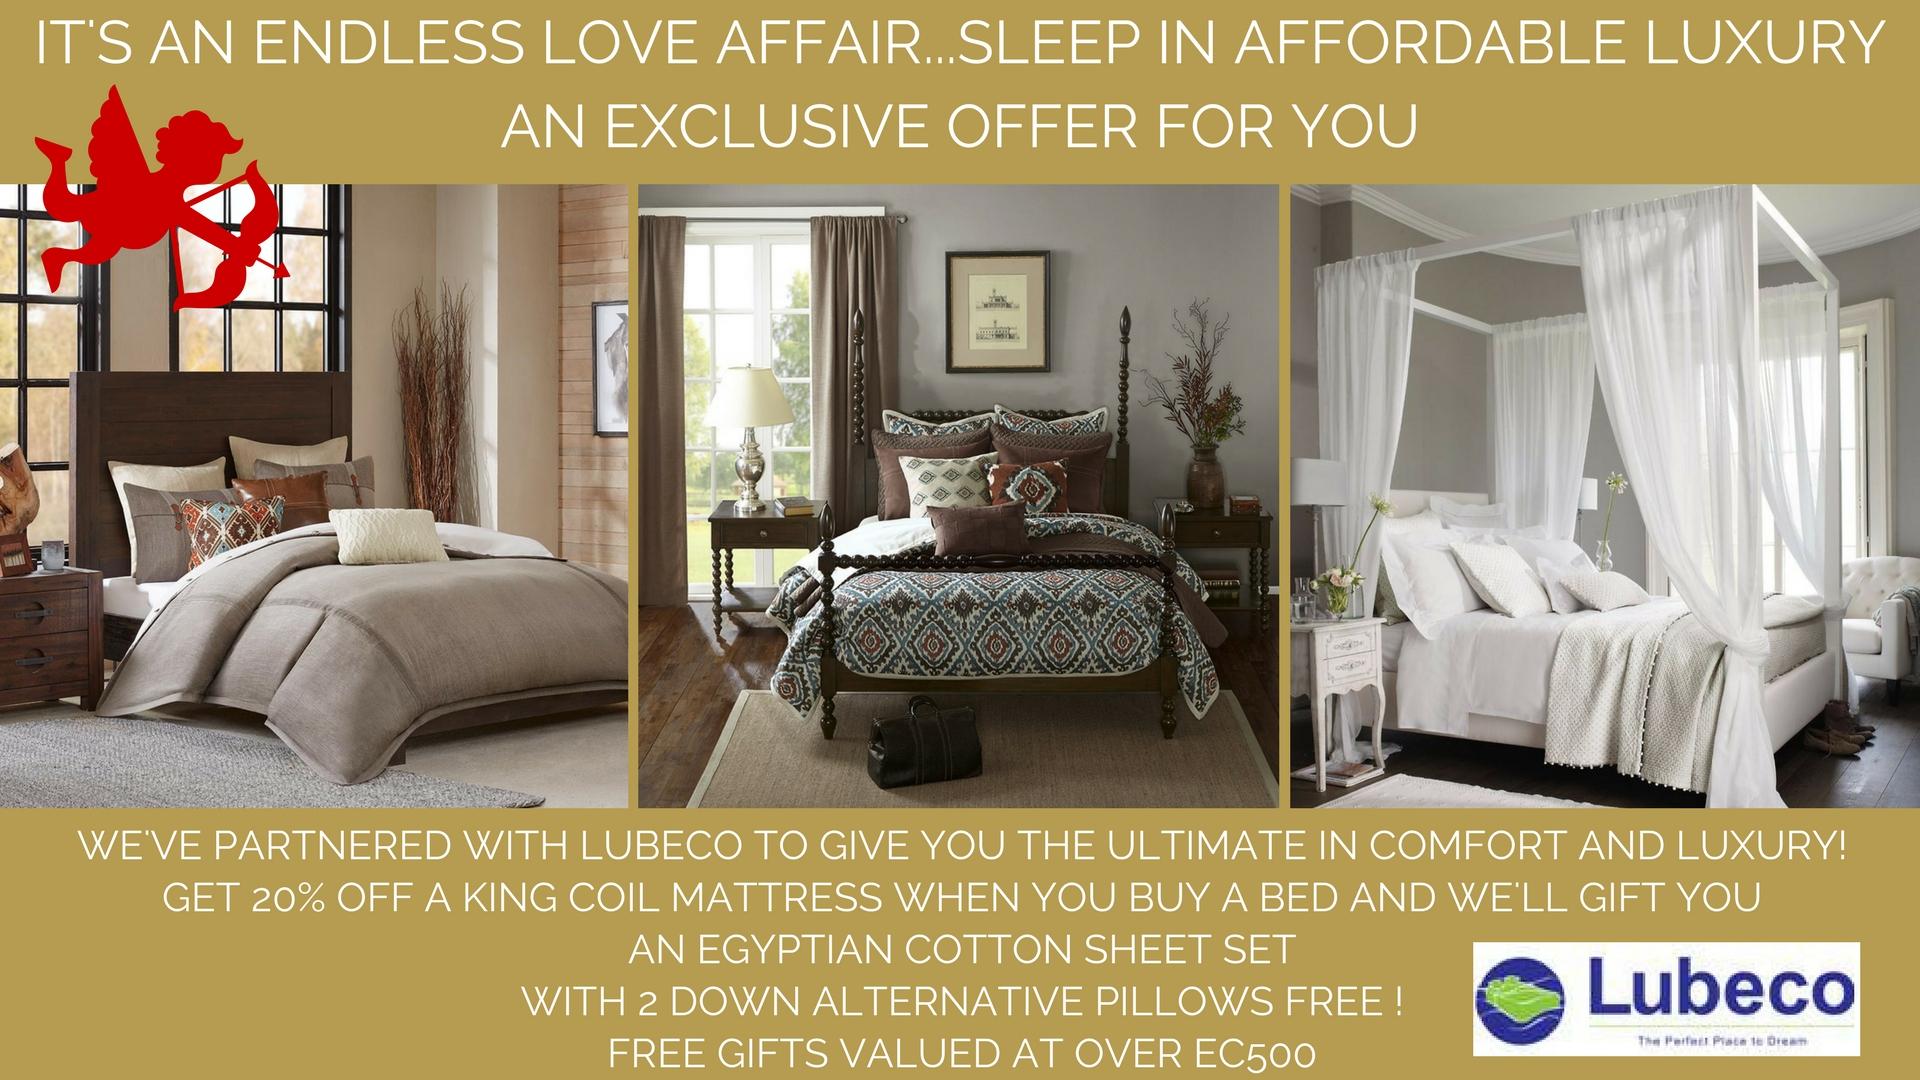 BEDROOM FURNITURE: BED, NIGHTSTAND, DRESSER, BEDSIDE TABLE